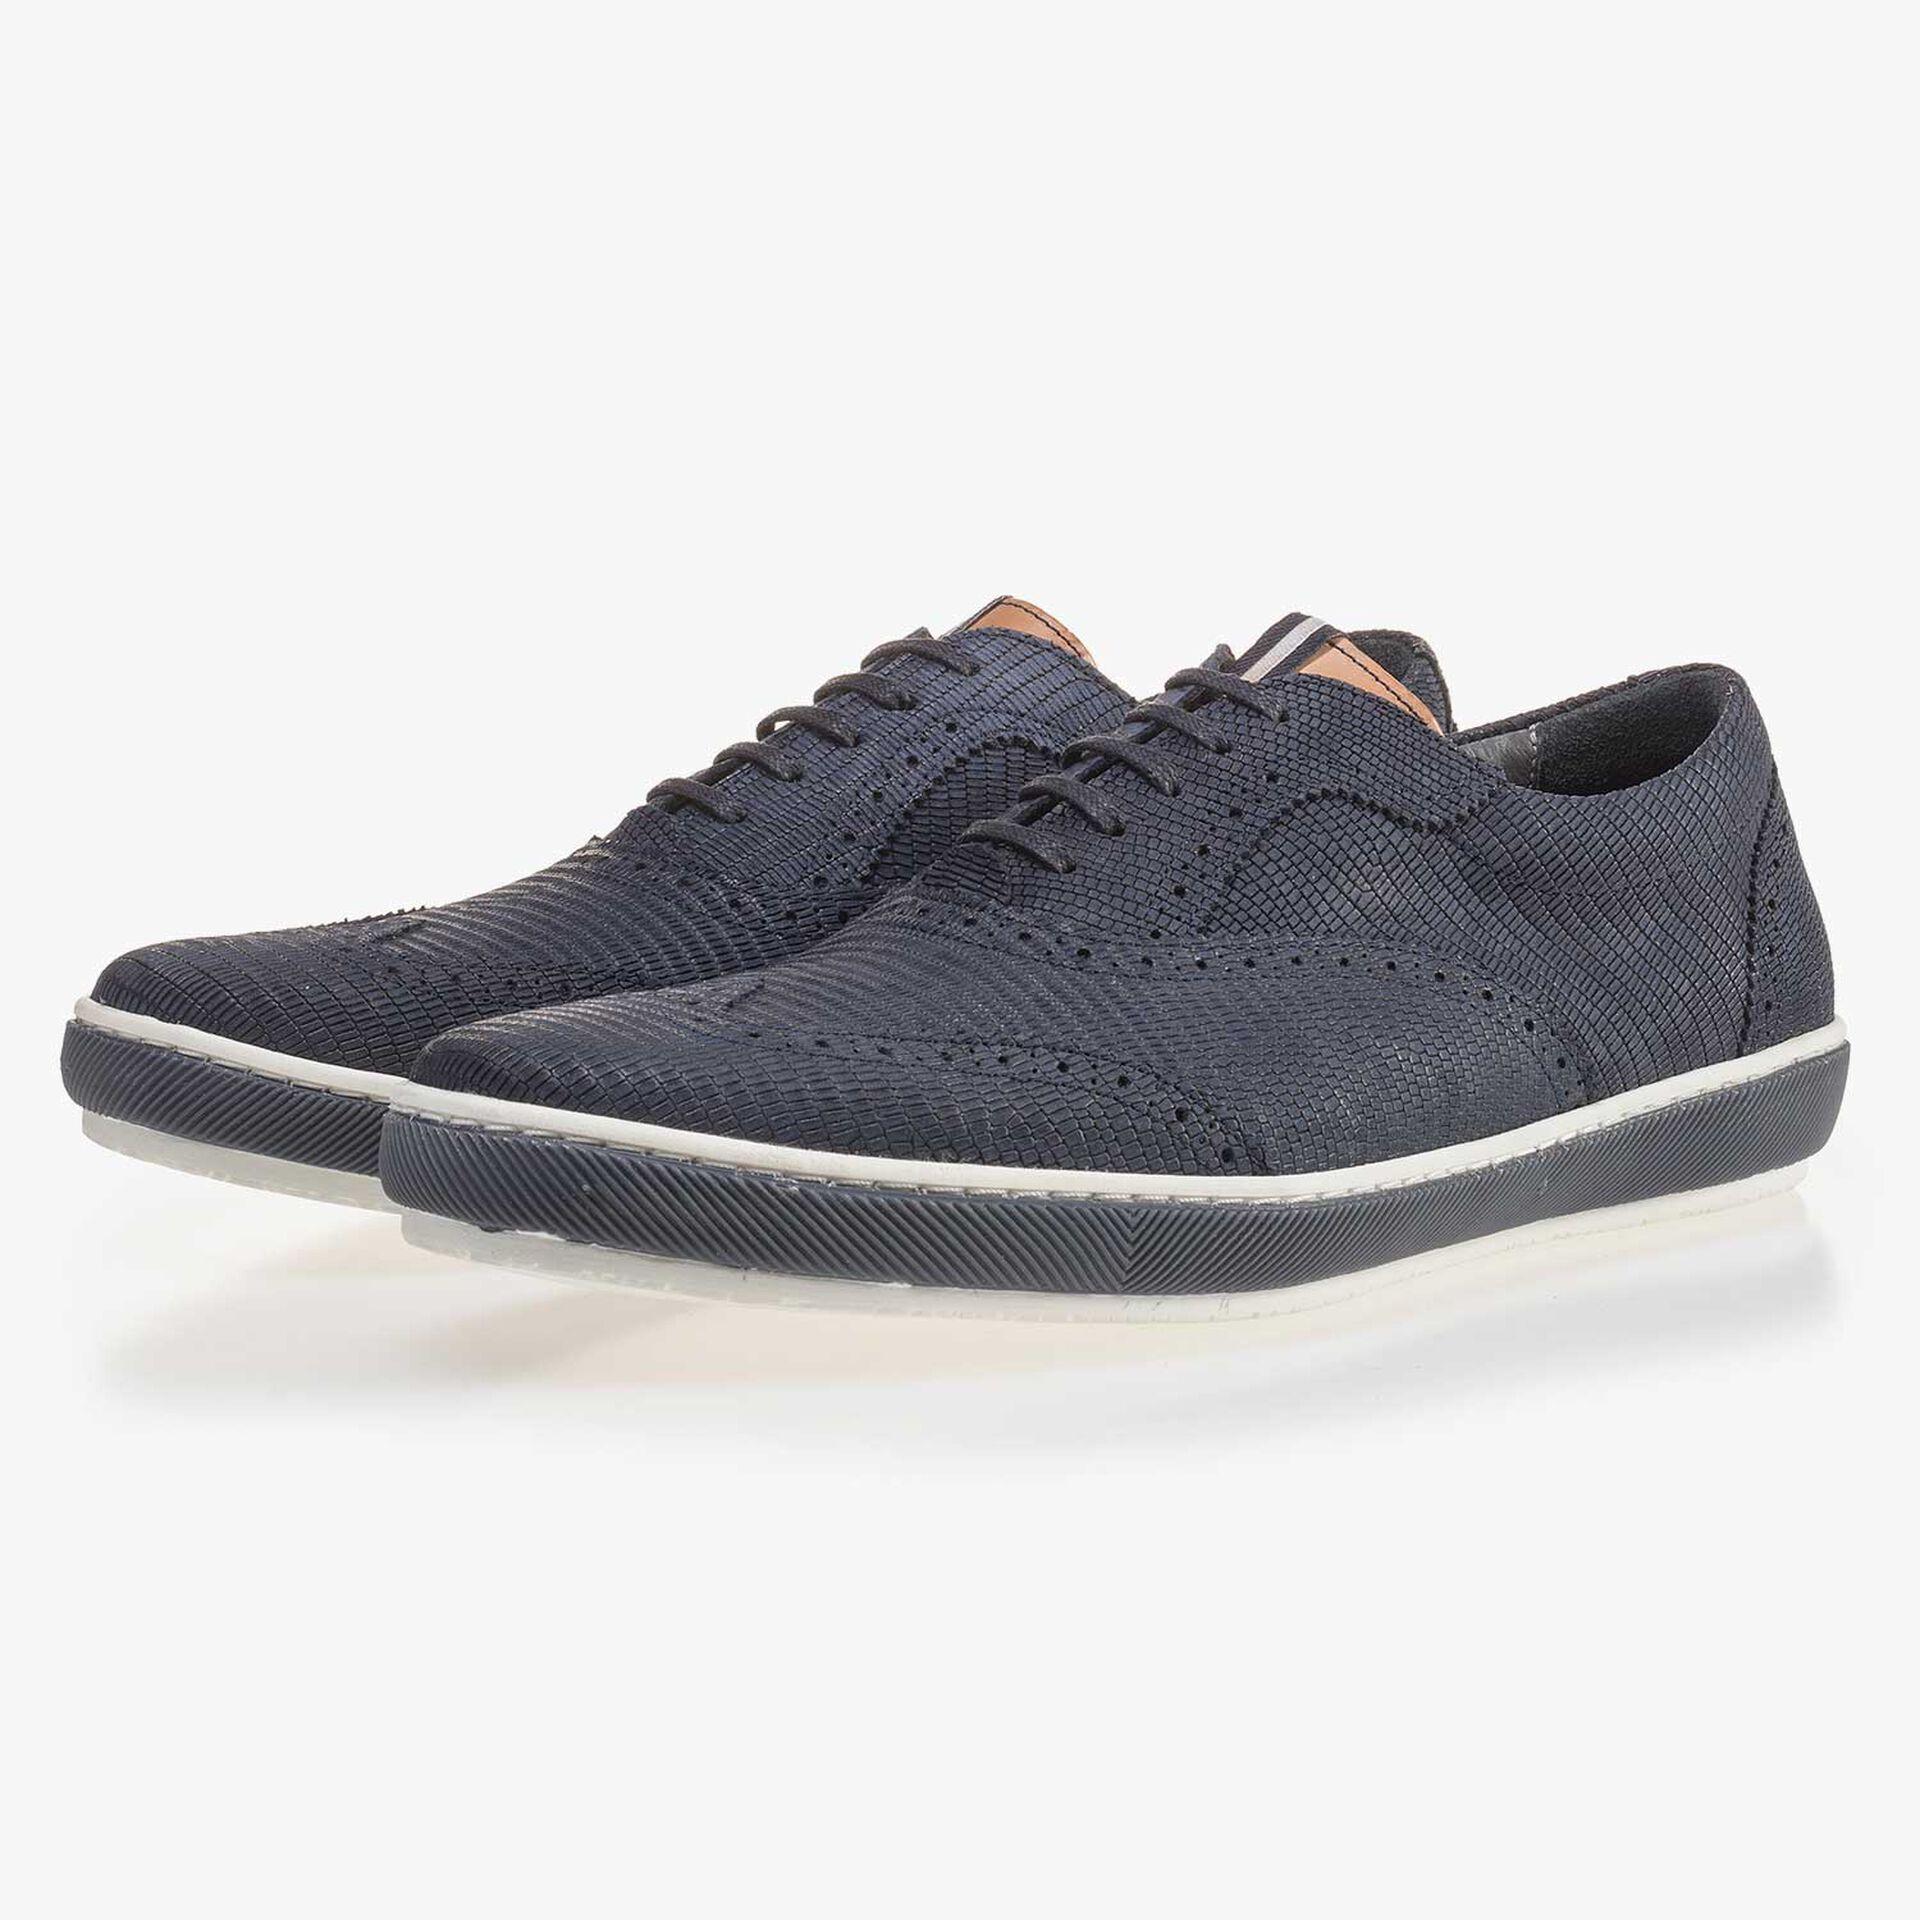 Blue brogue nubuck leather sneaker